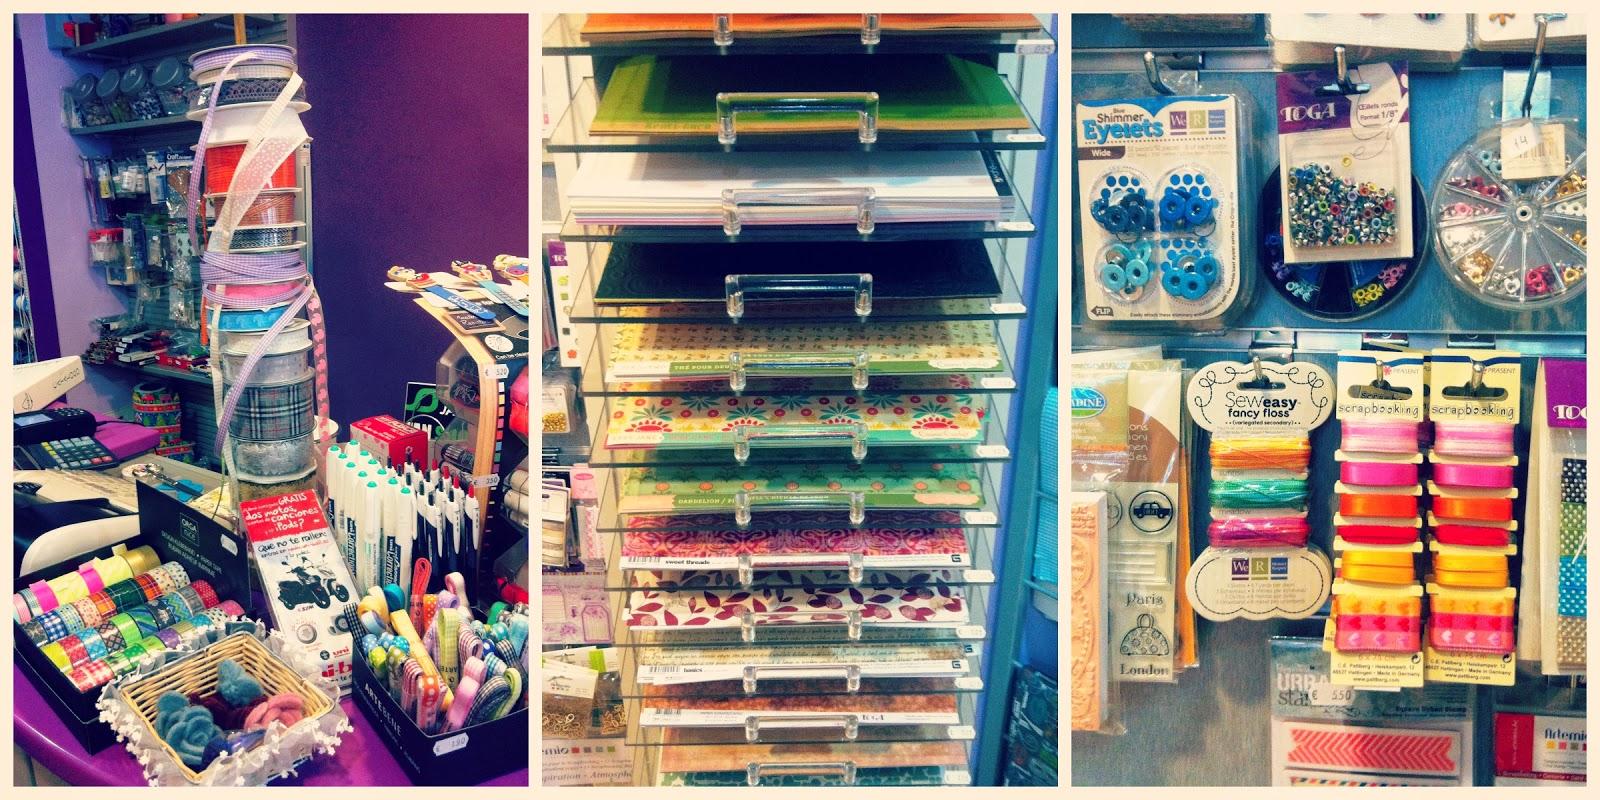 tienda de manualdiades eskuka_2